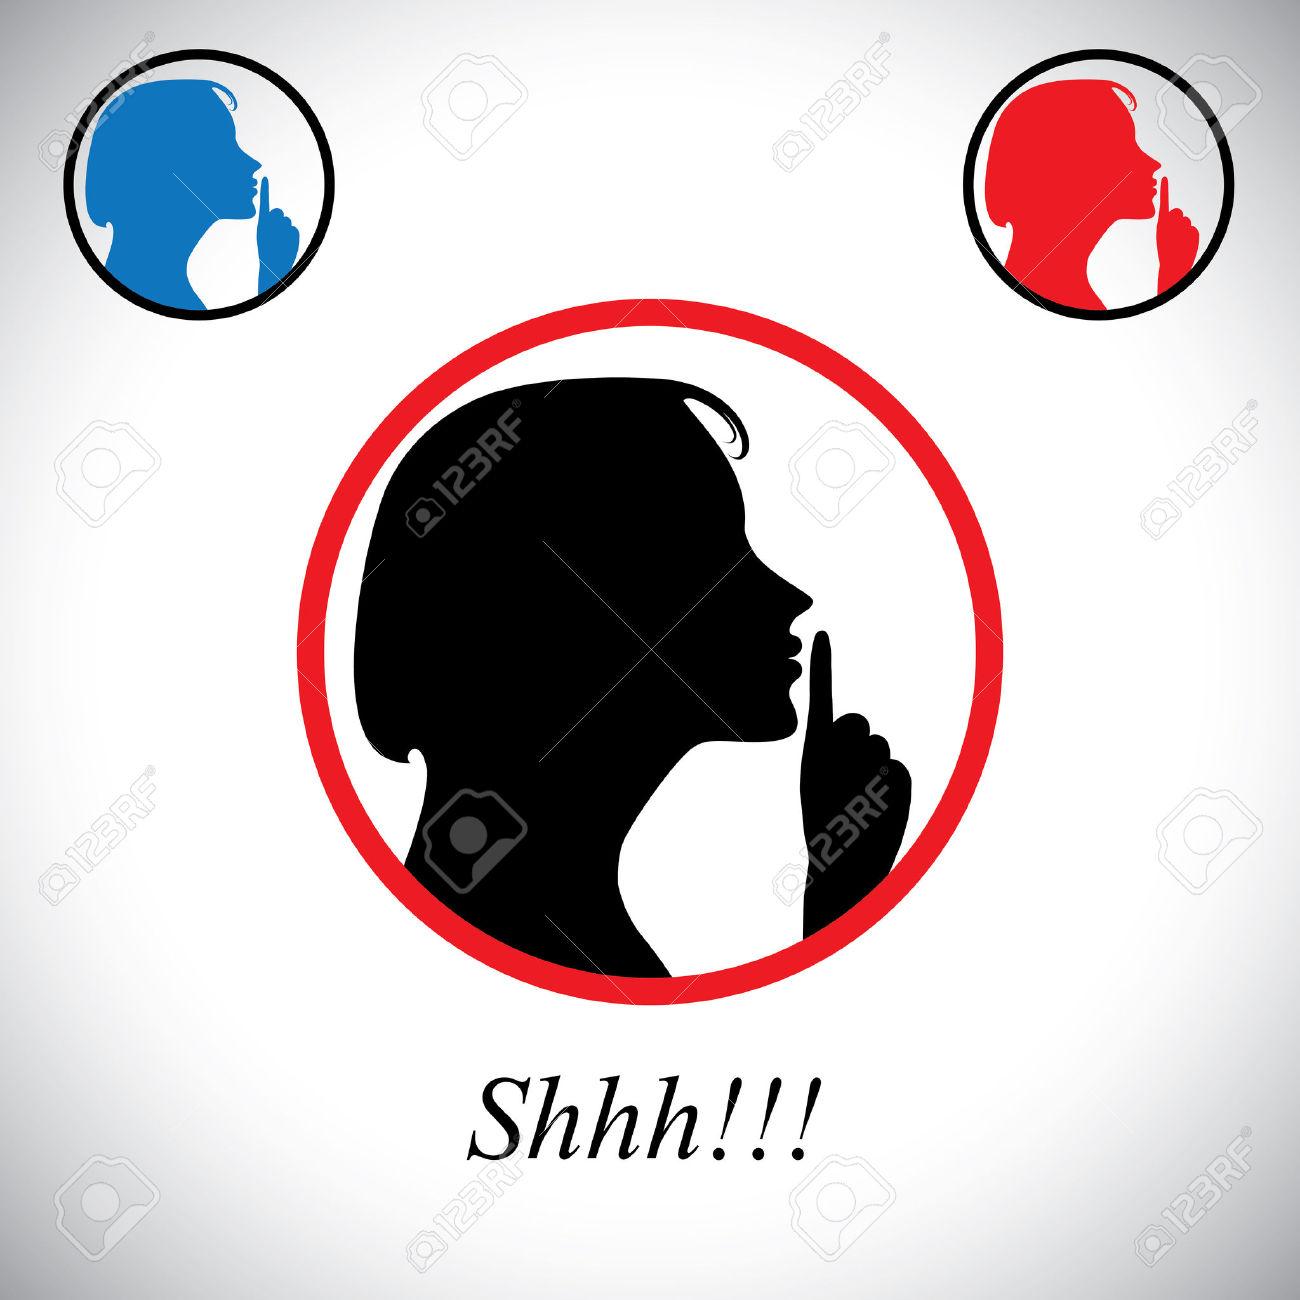 Ragazza Gesticolano Silenzio Che Dice Shh Usando La Mano.